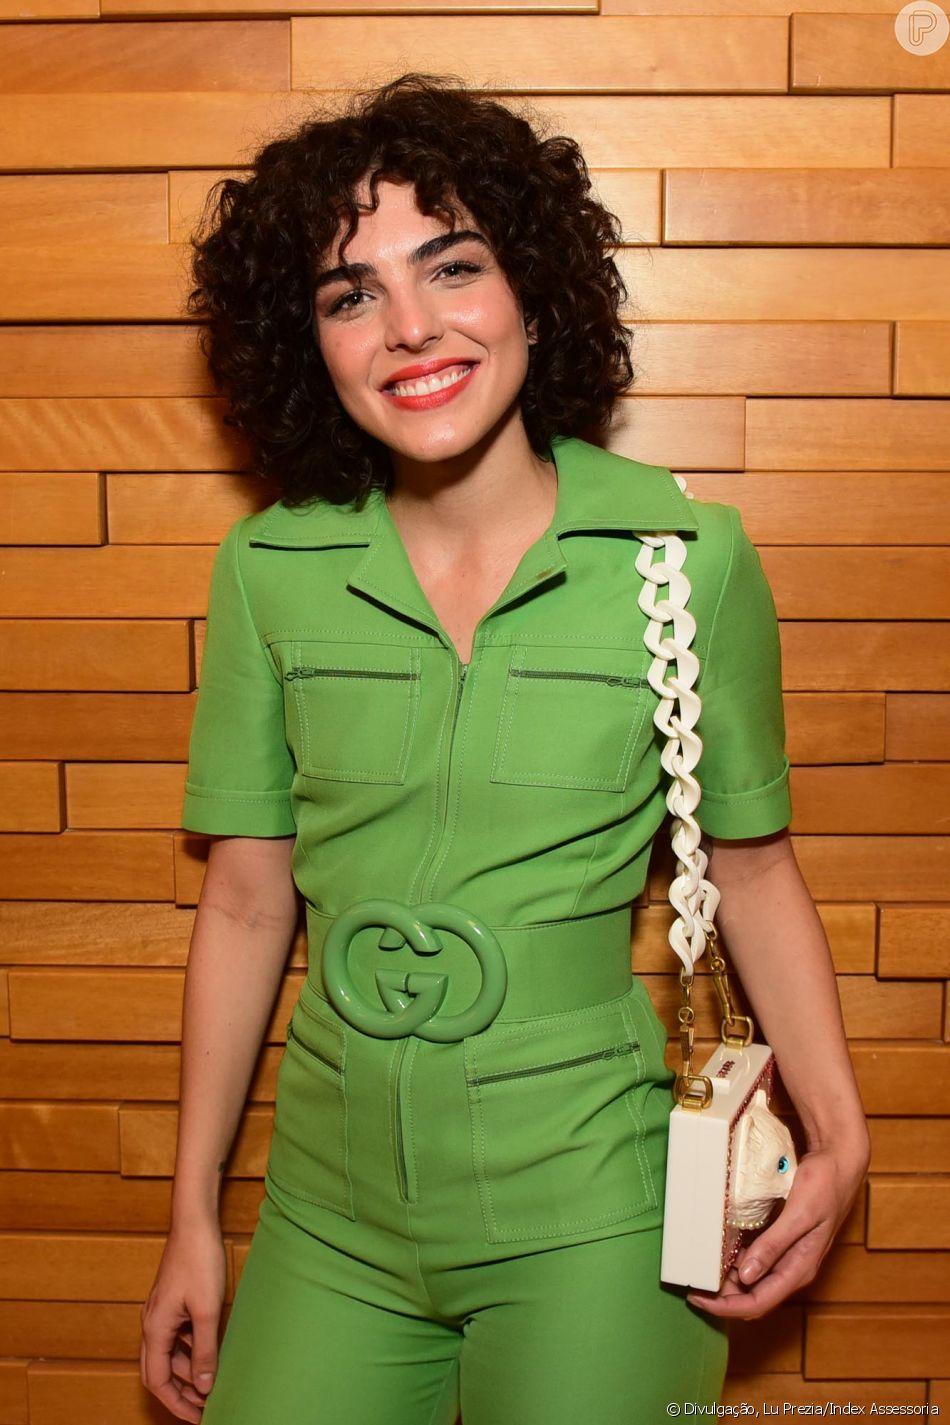 Julia Konrad apostou no verde para a pré-estreia do filme 'Paraíso Perdido', em São Paulo, nesta segunda-feira, 28 de maio de 2018